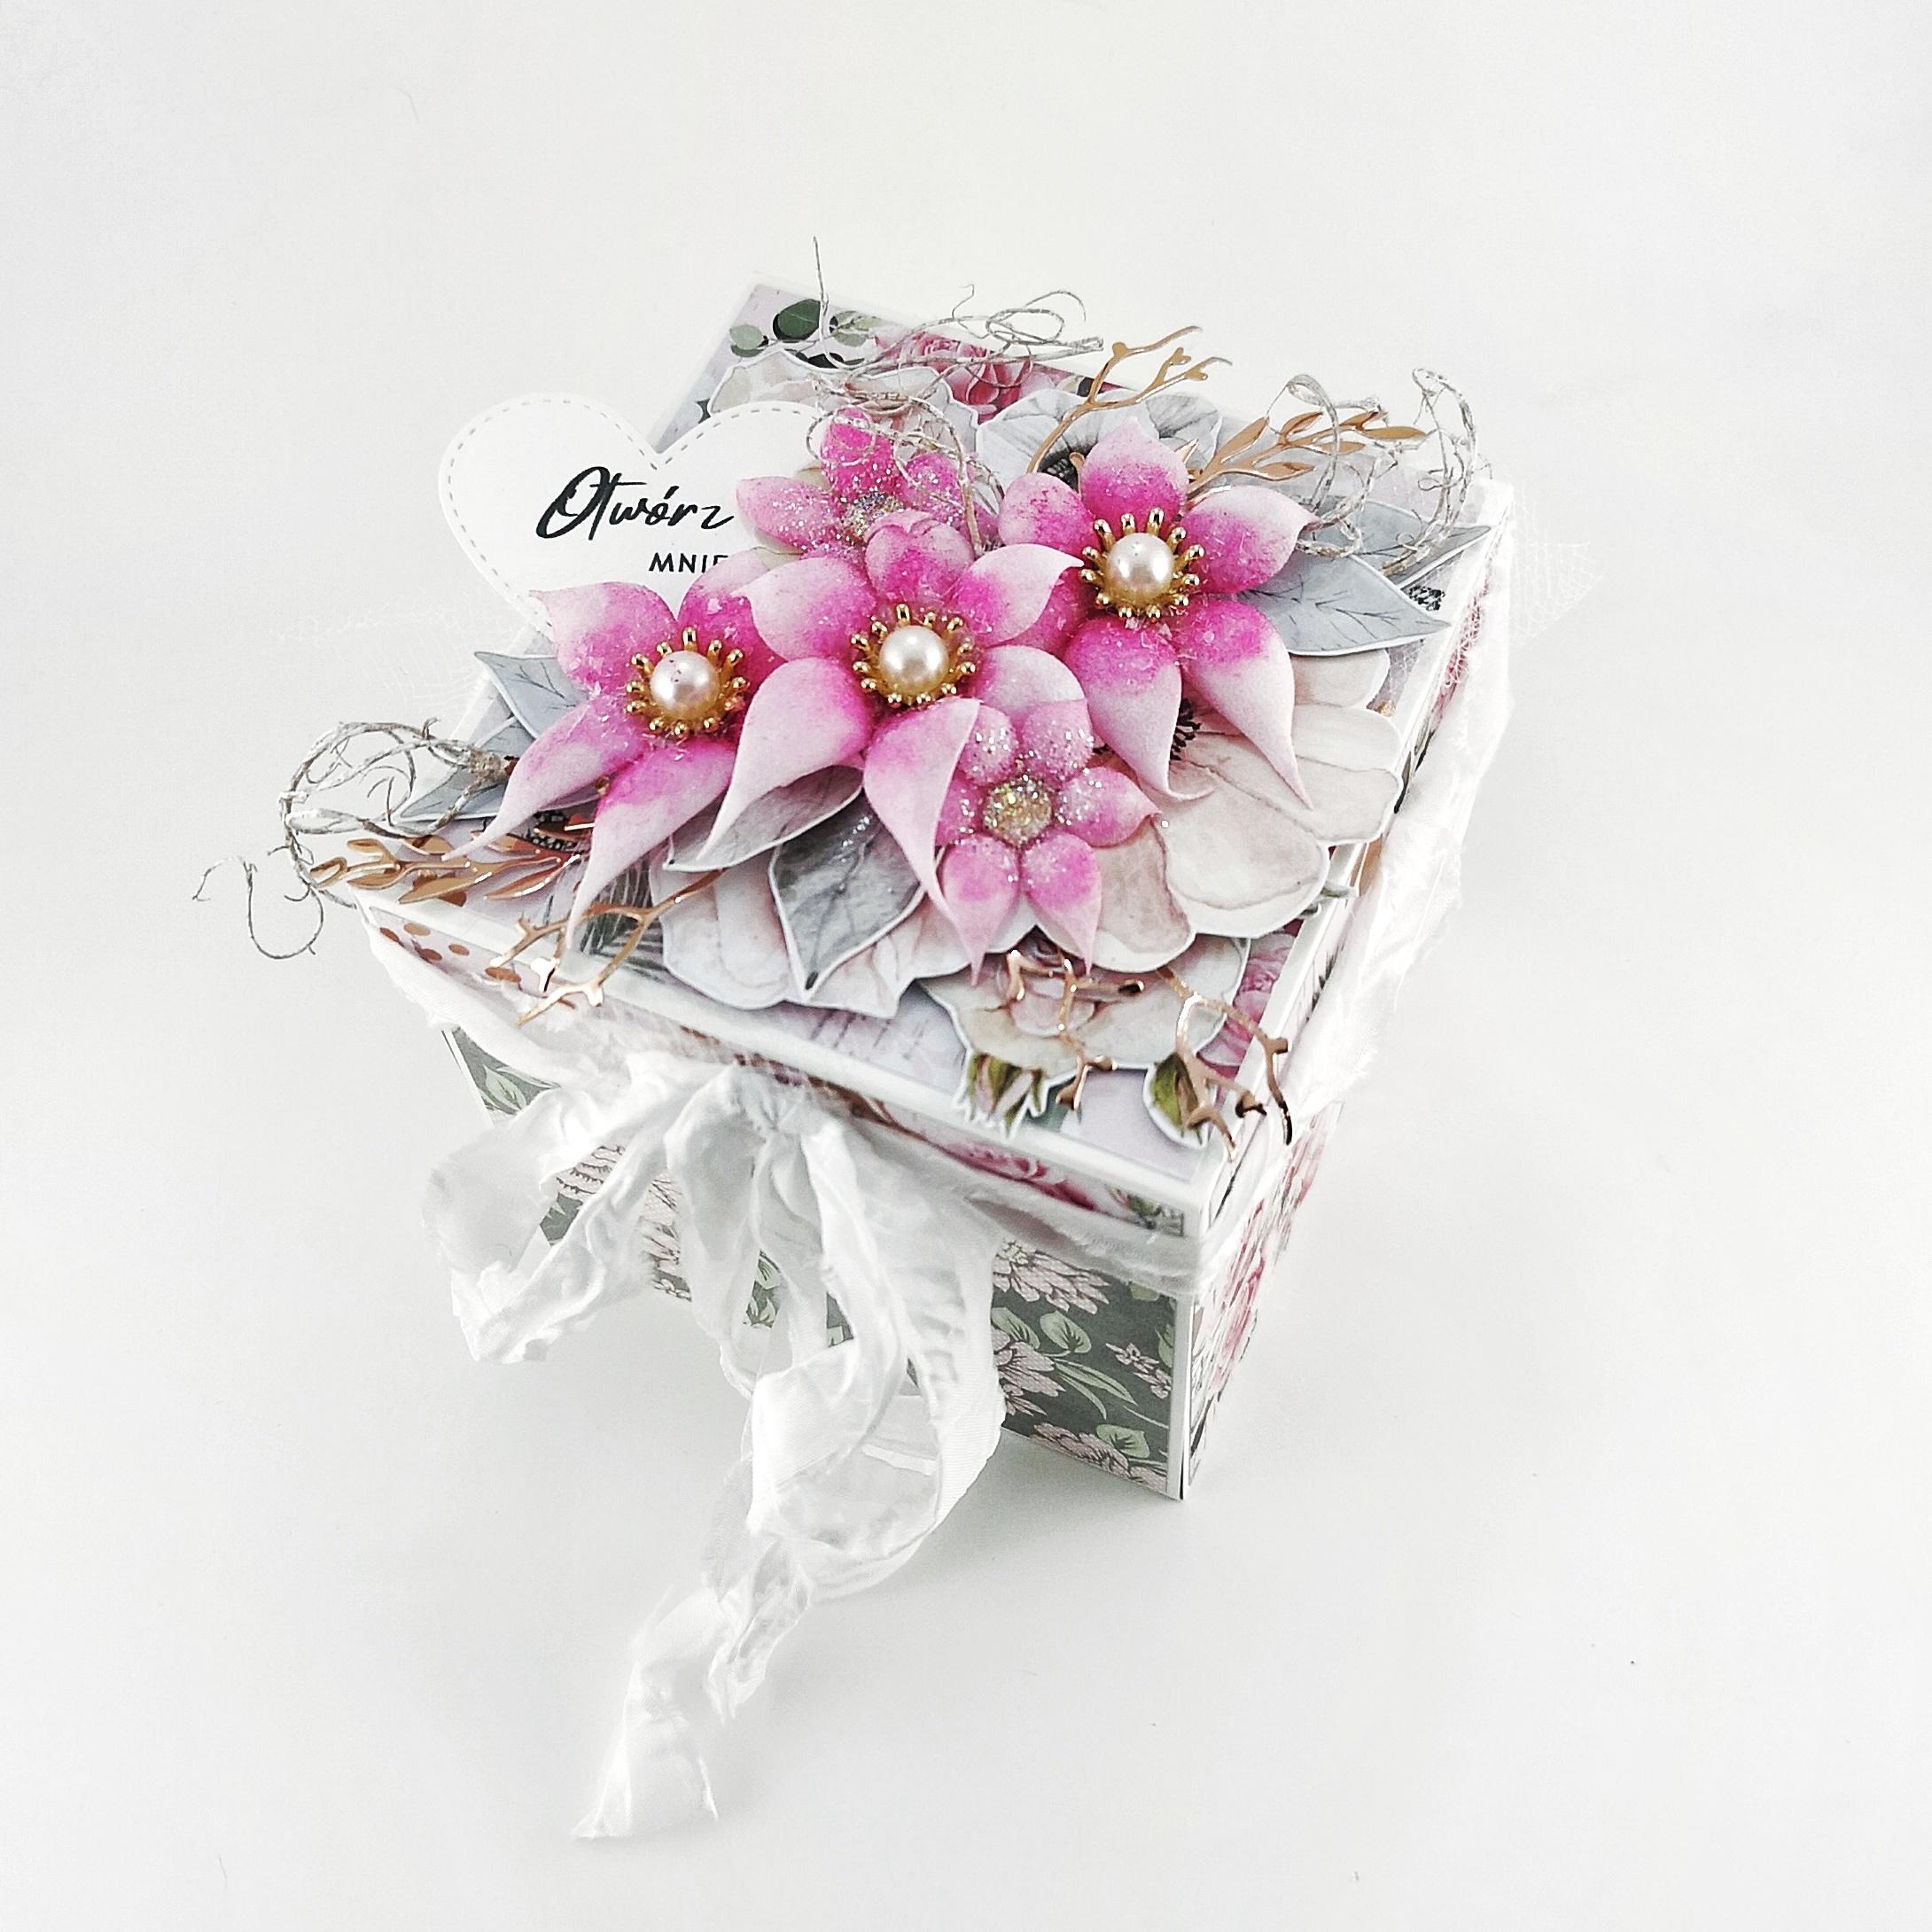 Exploding box na zaręczyny. Oryginalny pomysł na oświadczyny. Ręcznie robione pudełko na pierścionek zaręczynowy.